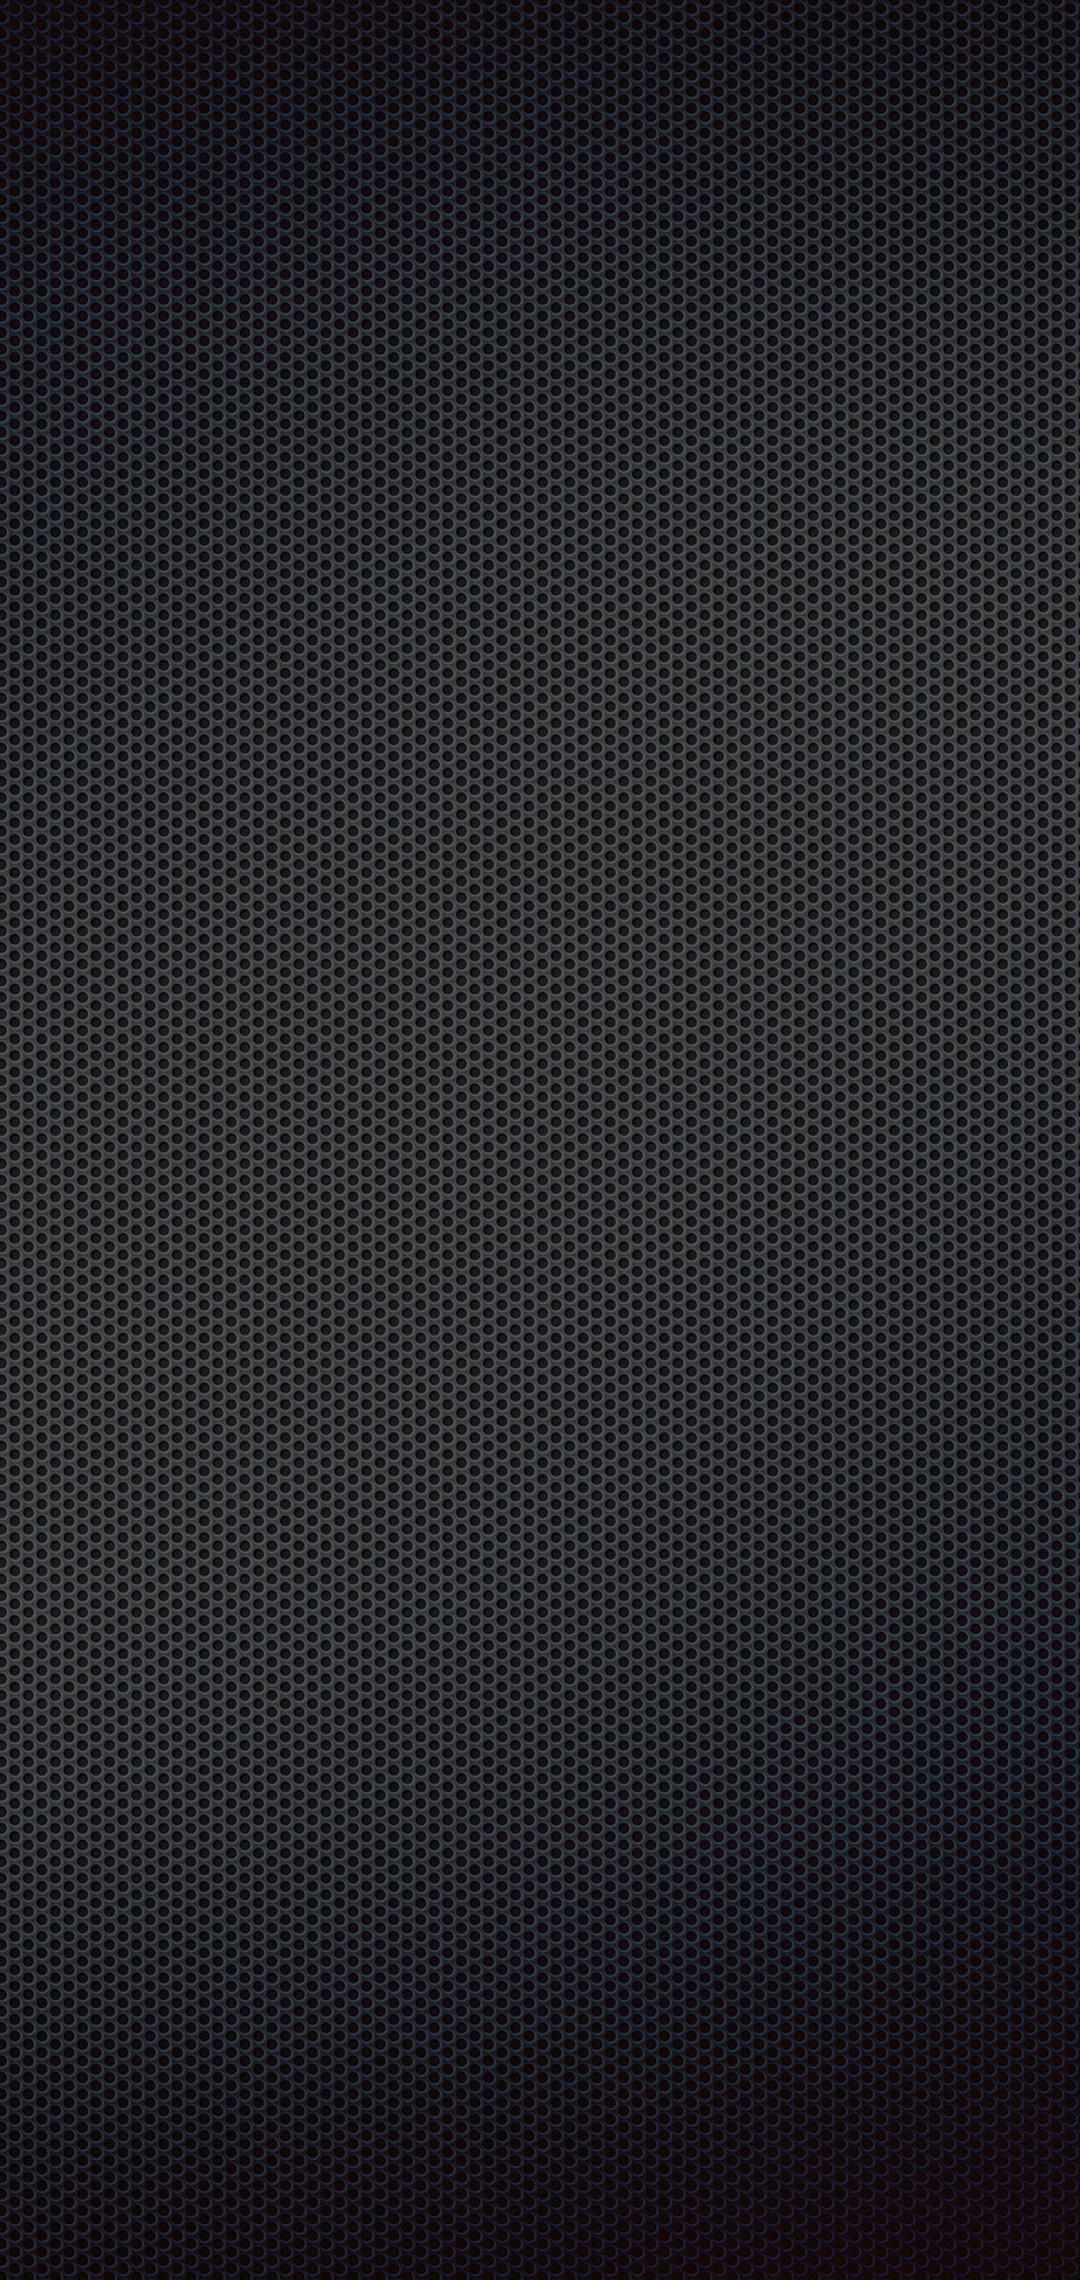 dots-dark-abstract-4k-ll.jpg